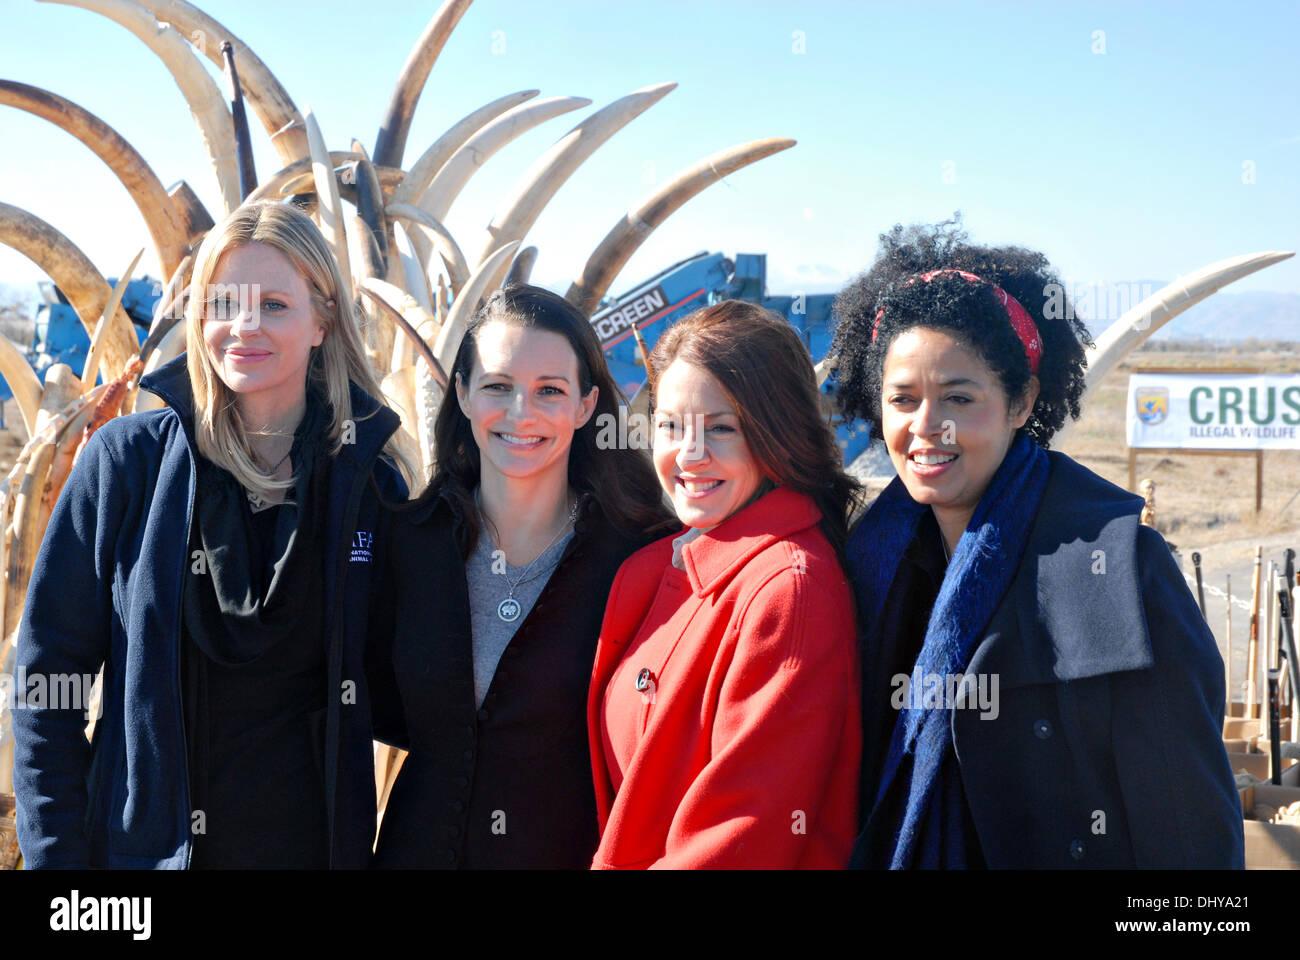 Prominente Kristin Bauer, links, Kristin Davis, Joely Fisher und Dr. Paula Kahumbu, CEO von WildlifeDirect Pose vor sechs Tonnen beschlagnahmtes Elfenbein vor ist zerkleinert 14. November 2013 in Commerce City, Colorado. Elfenbein Vorrat gesammelt in den letzten 25 Jahren durch Schmuggel, Büsten und Grenze Beschlagnahmungen wurde durch eine Steinzerkleinerungsmaschine zugeführt und zerstört, um Wilderei zu entmutigen. Stockbild